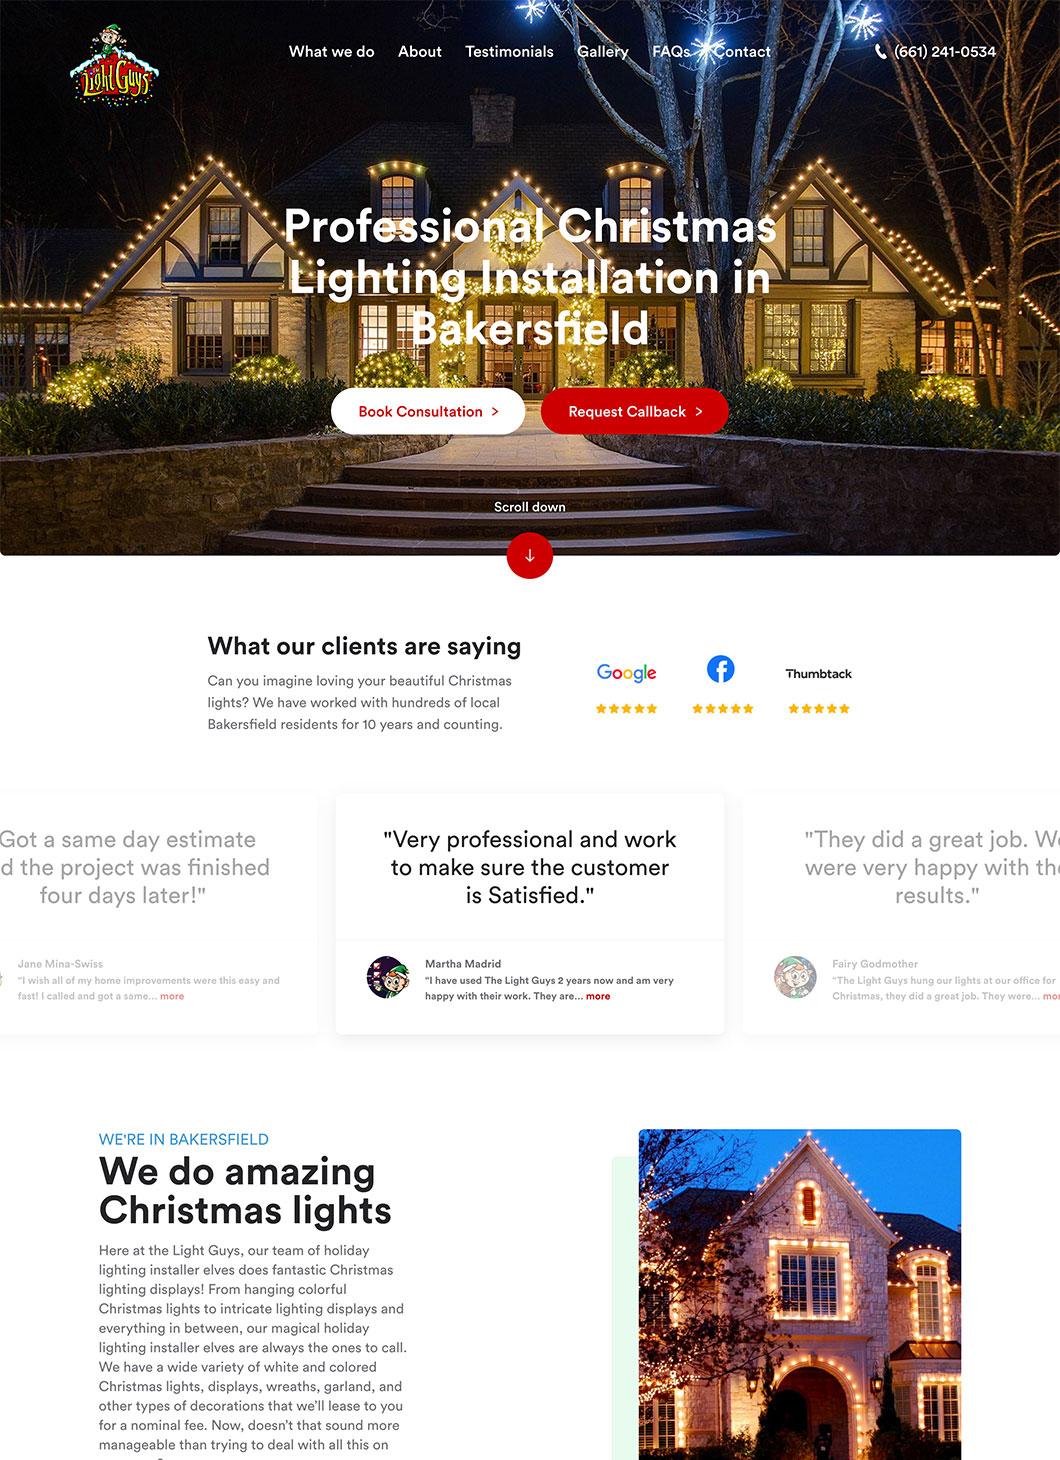 Screenshot of The Light Guys homepage